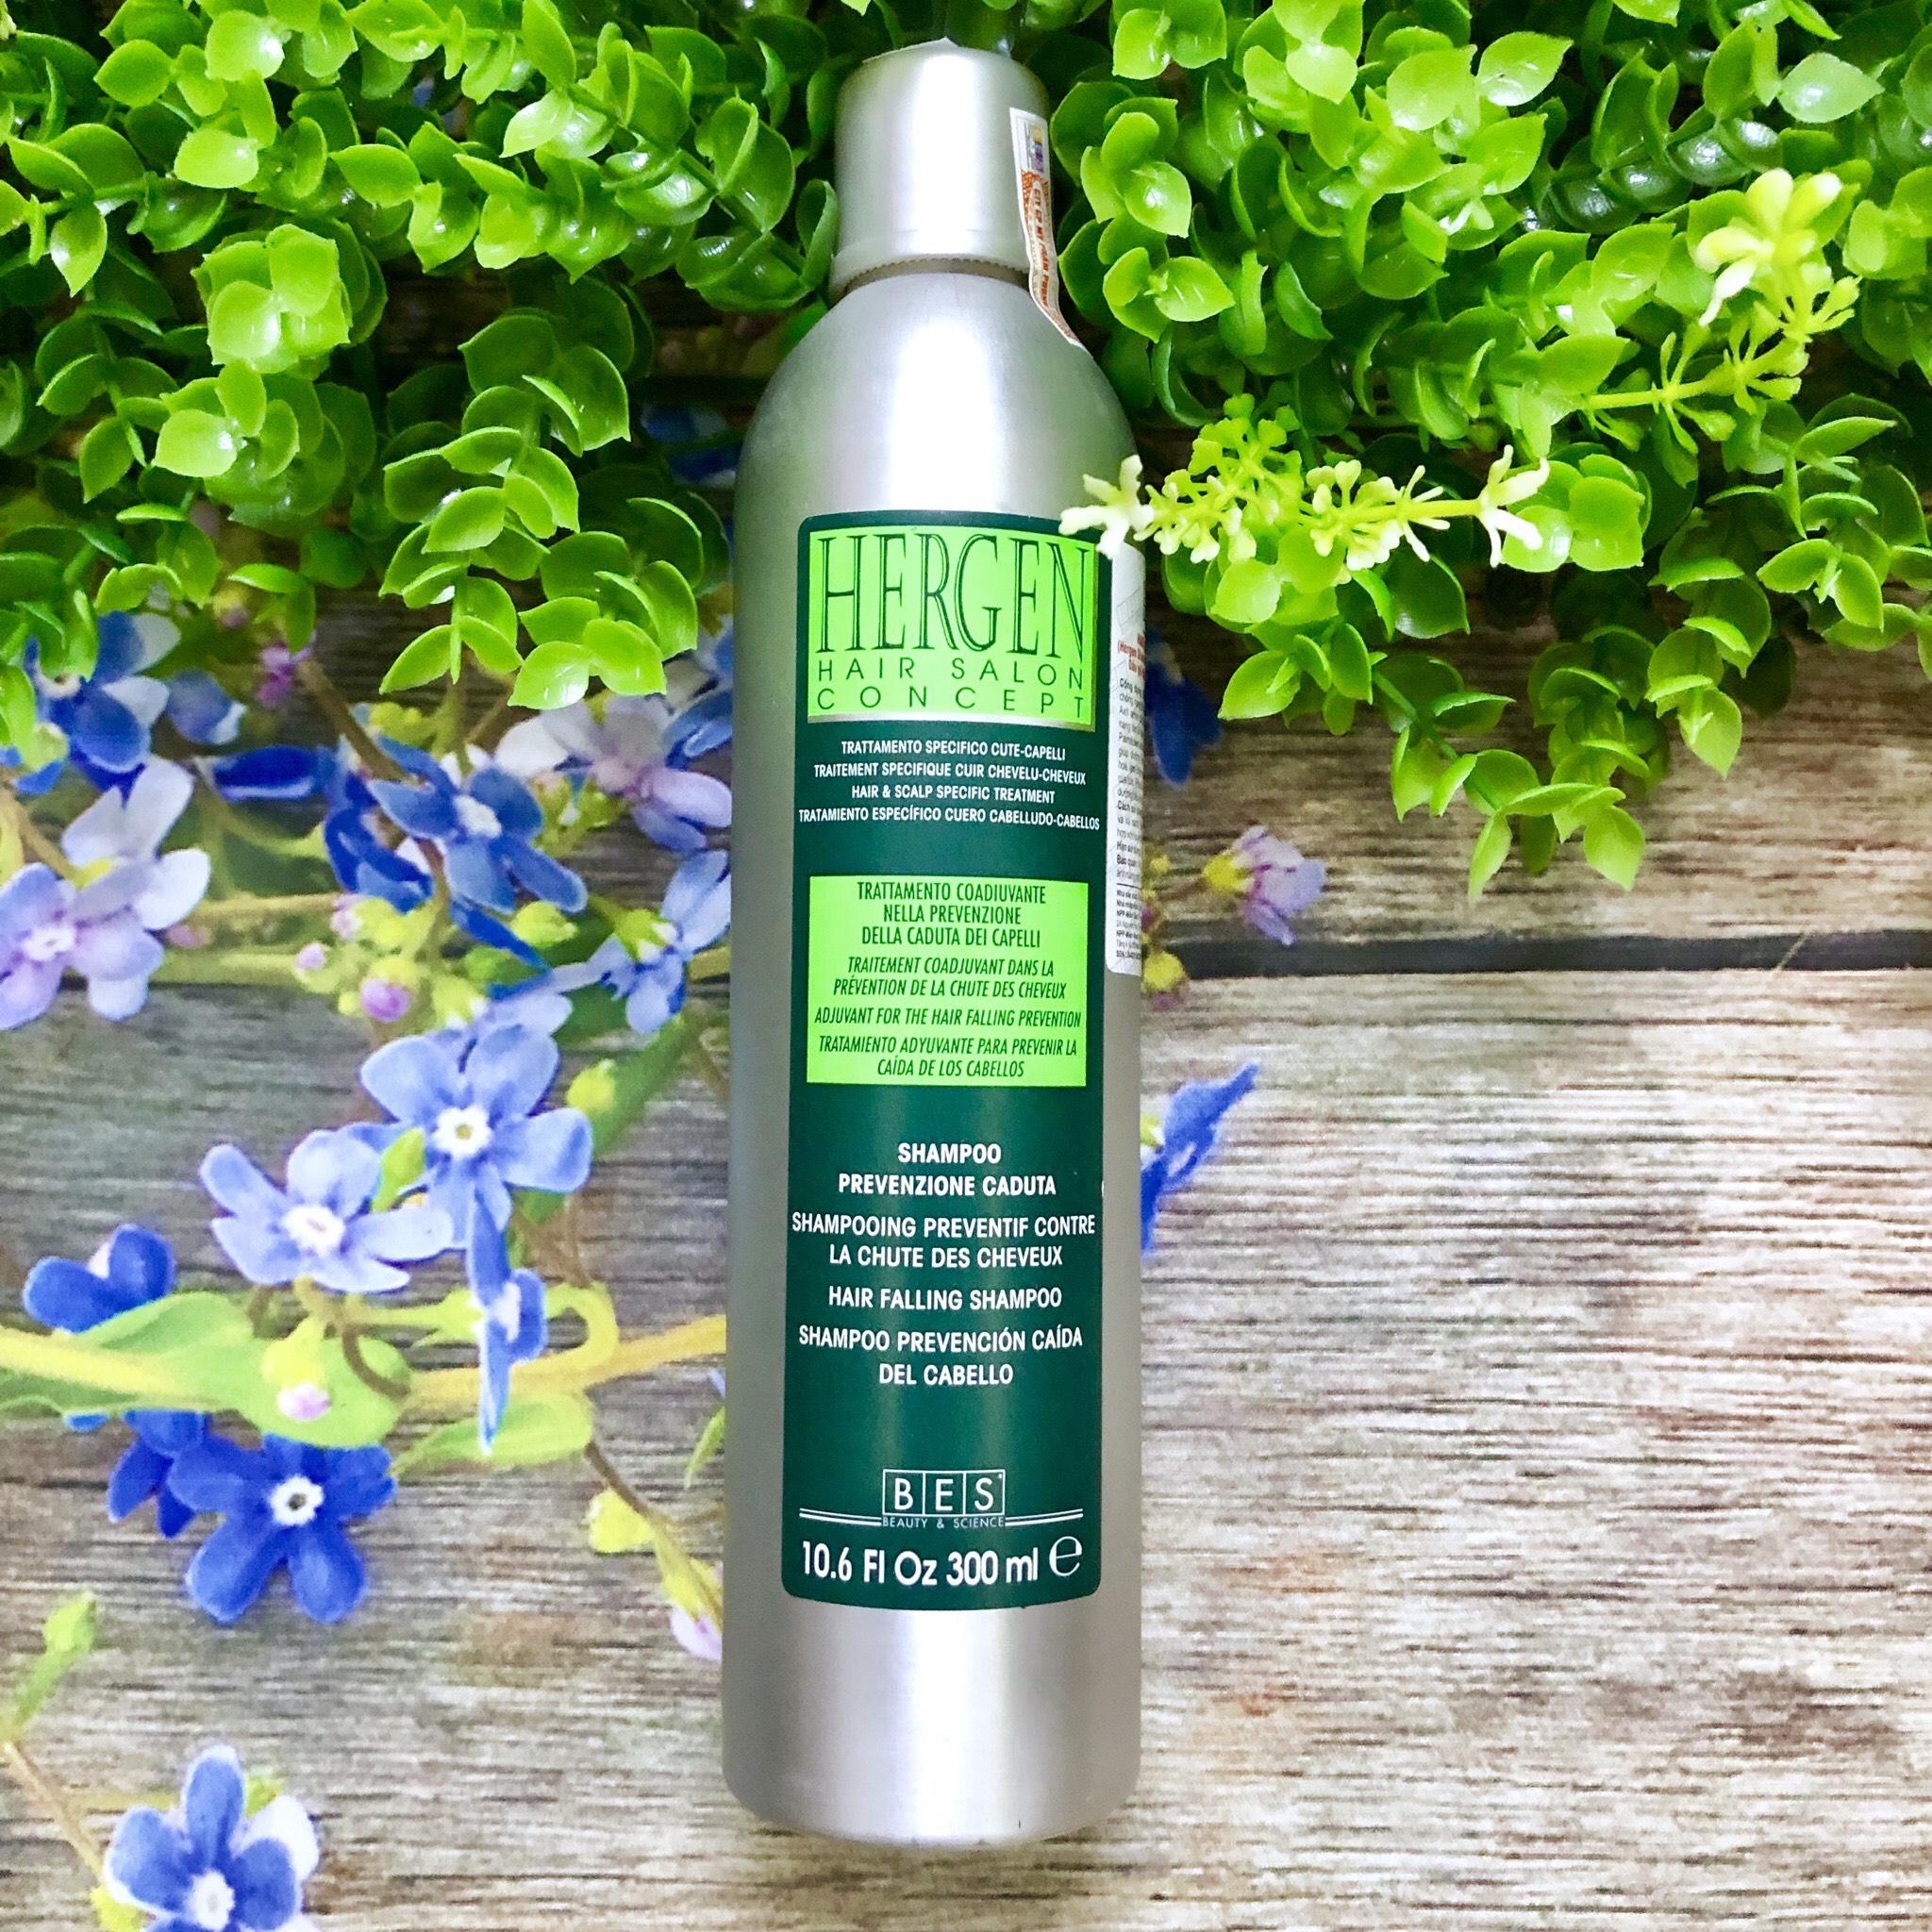 Dầu gội ngăn rụng tóc BES BEAUTY & SCIENCE Hergen shampoo prevenzione caduta 300ml